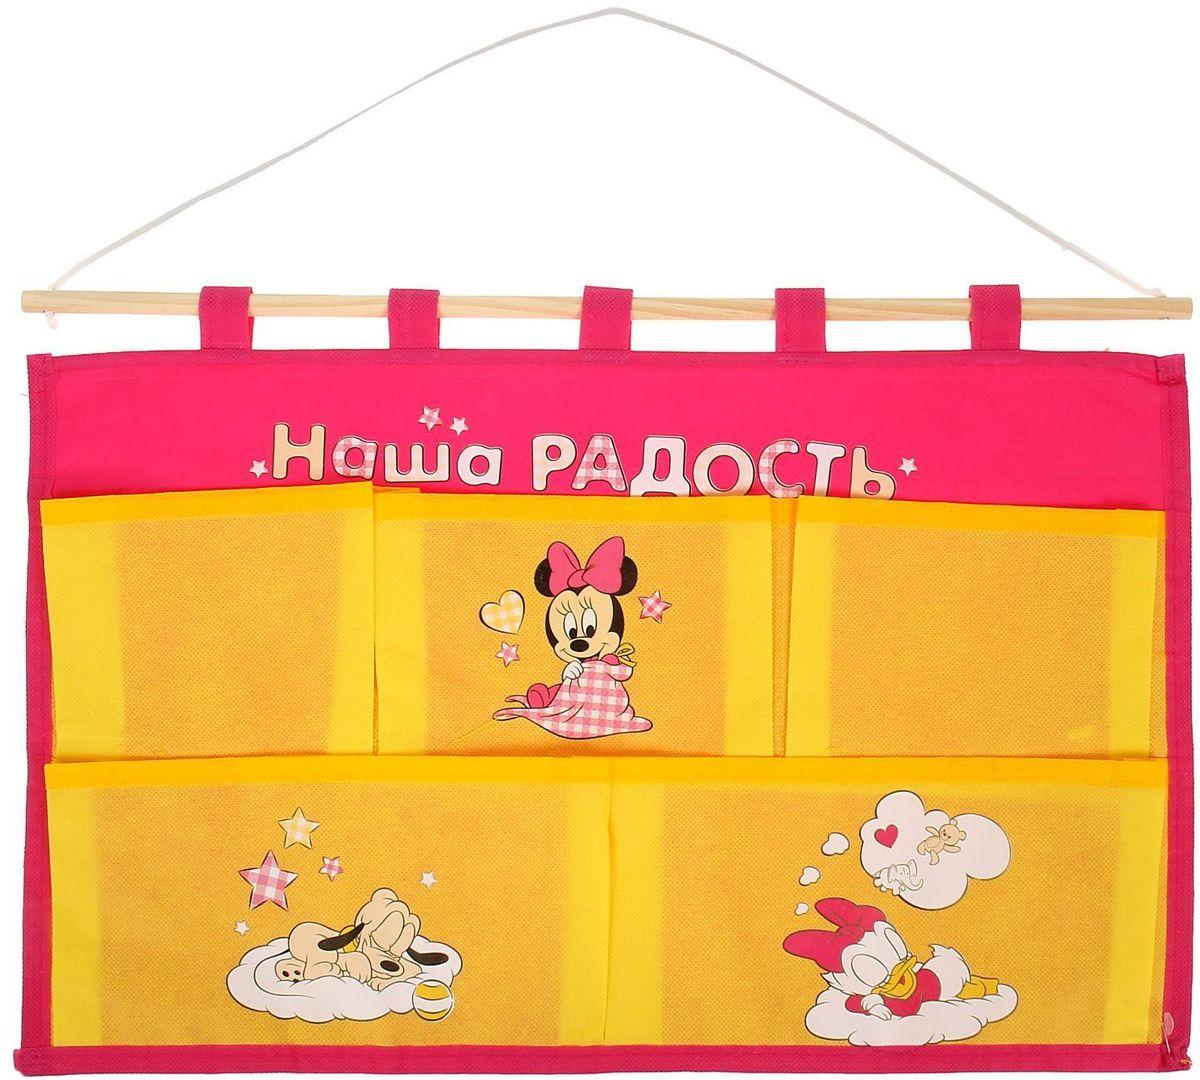 Disney Кармашки настенные на 5 отделений Наша радость Минни Маус1162112Порядок с любимыми героями Disney. Украсьте комнату ребёнка стильным и полезным аксессуаром. Настенные кармашки организуют вещи малышки и помогут содержать комнату в чистоте и порядке. Положите туда игрушки или одежду, и детская преобразится! Кармашки даже можно использовать в ванной комнате. Набор из нетканого материала спанбонд крепится на деревянную палочку, а вся конструкция подвешивается за верёвку. Яркие рисунки с любимыми персонажами нанесены по термотрансферной технологии. Изделие упаковано в прозрачный пакет, к которому прилагается небольшой шильд с героем Disney, где можно написать тёплые слова и пожелания для адресата. Соберите коллекцию аксессуаров с любимыми героями!